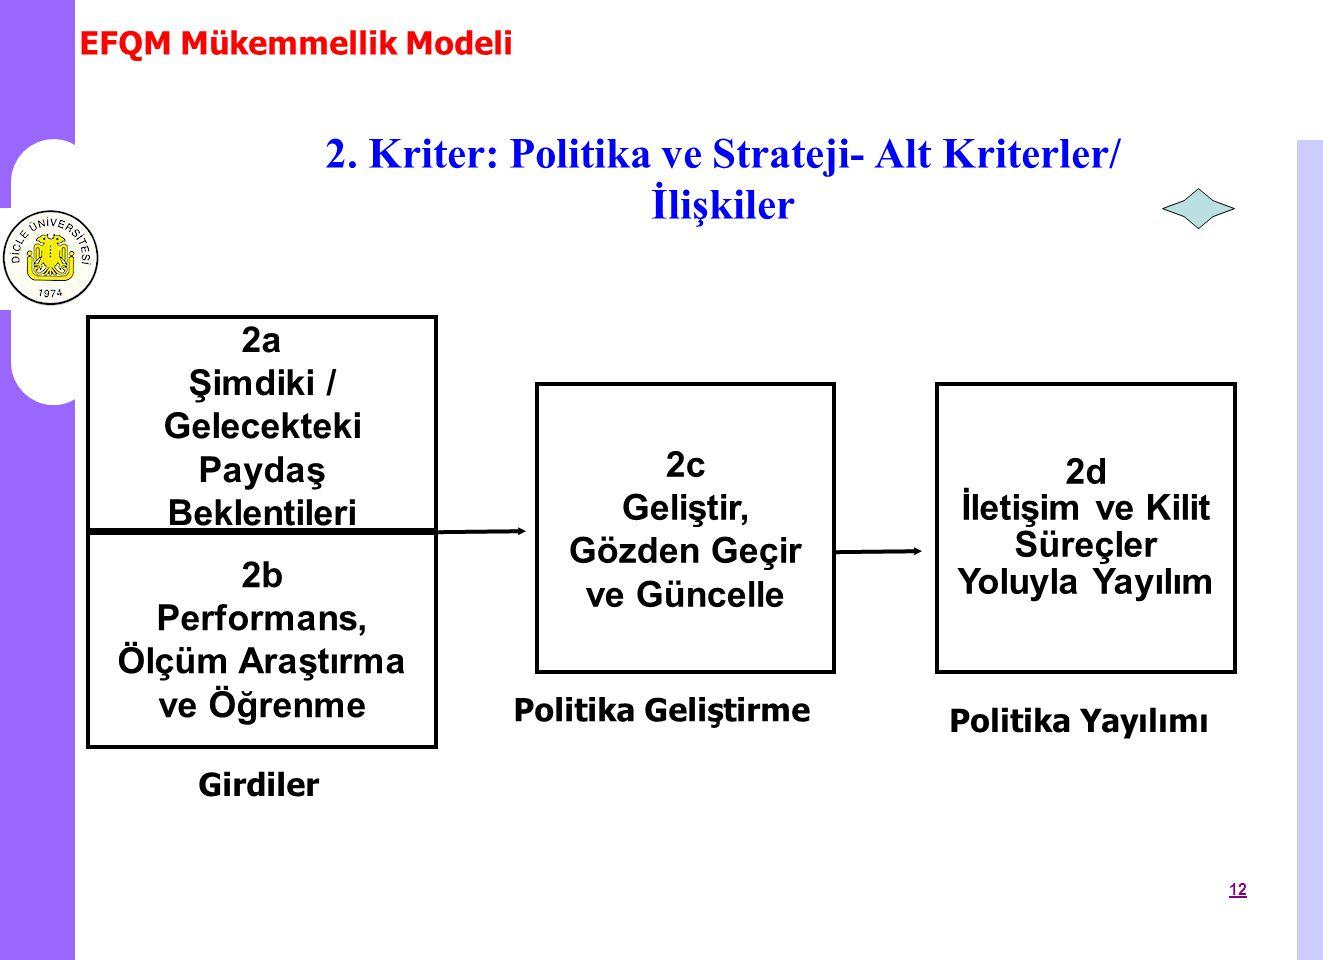 2. Kriter: Politika ve Strateji- Alt Kriterler/ İlişkiler